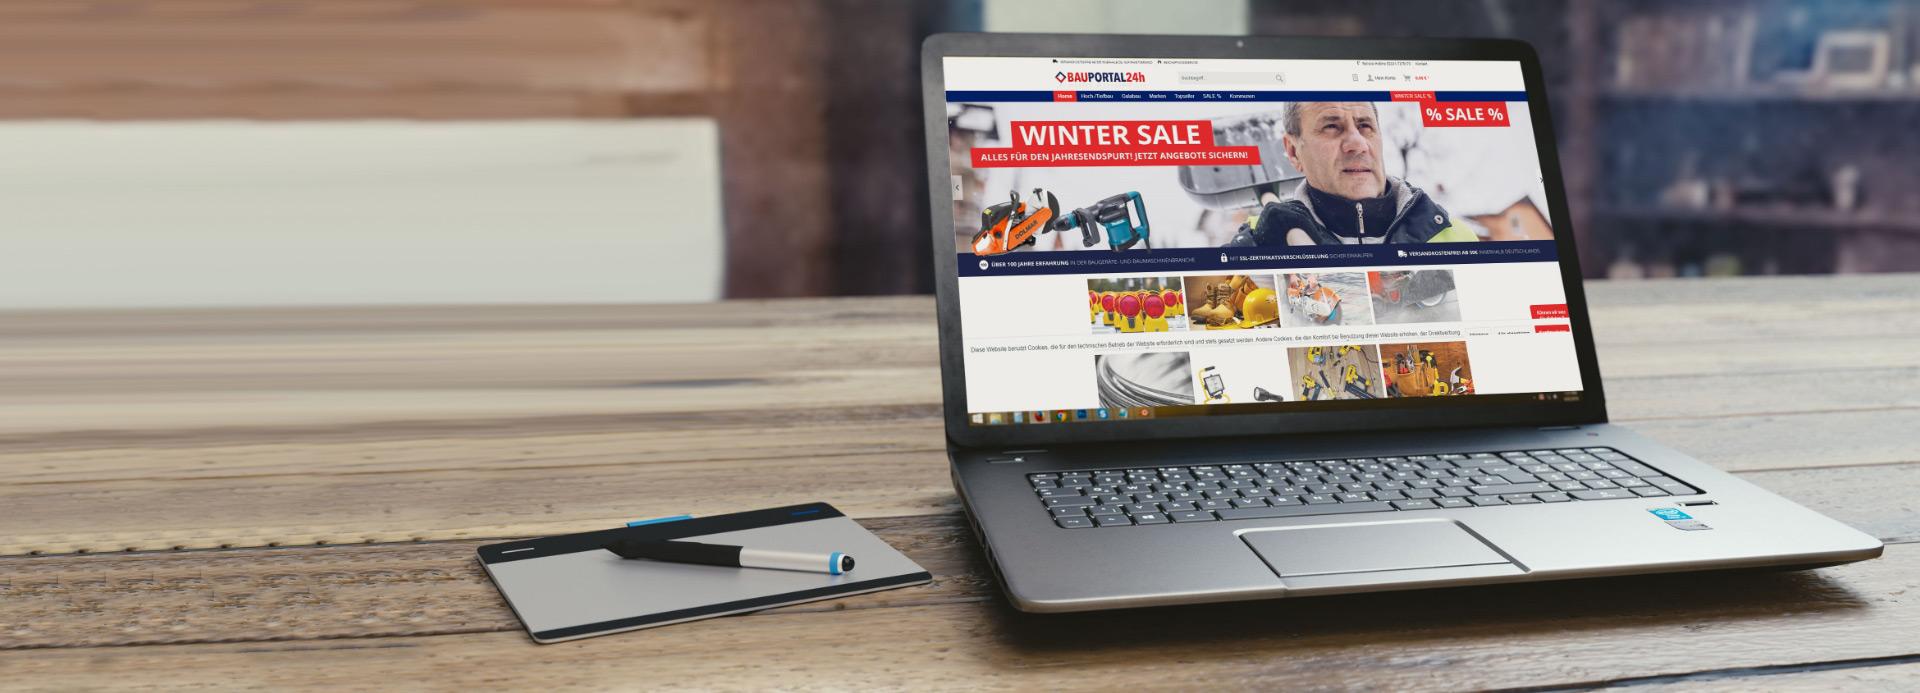 Foto mit Laptop und Website Bauportal24 für Onlineshop Erstellung